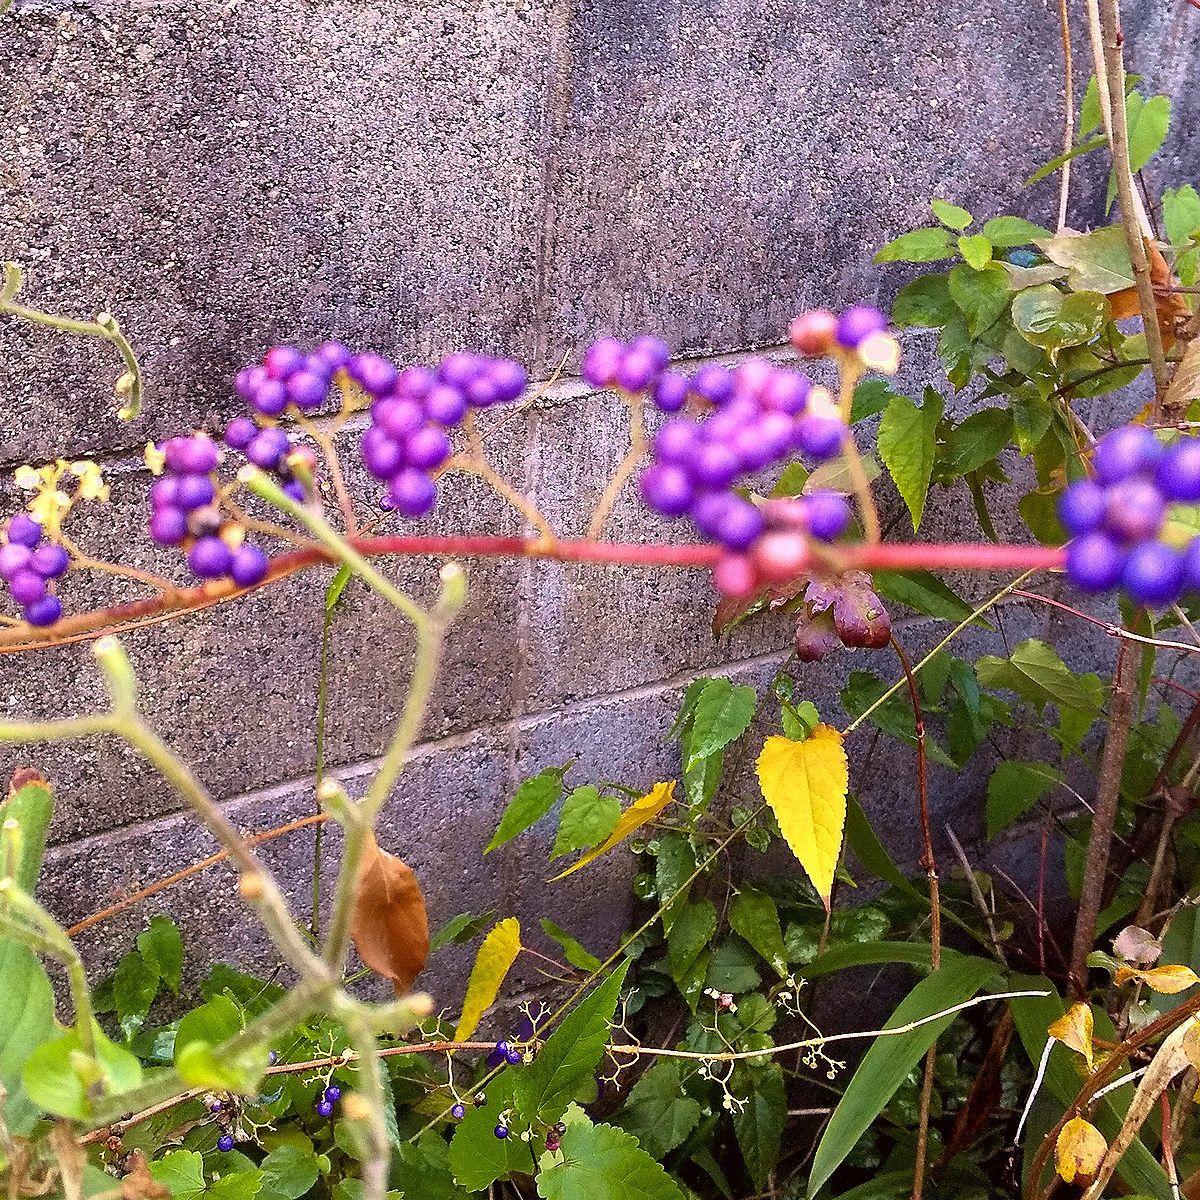 送料無料150円即決!紫式部と白式部 (白実の紫式部) 種子各50+万両の種子15個_画像3